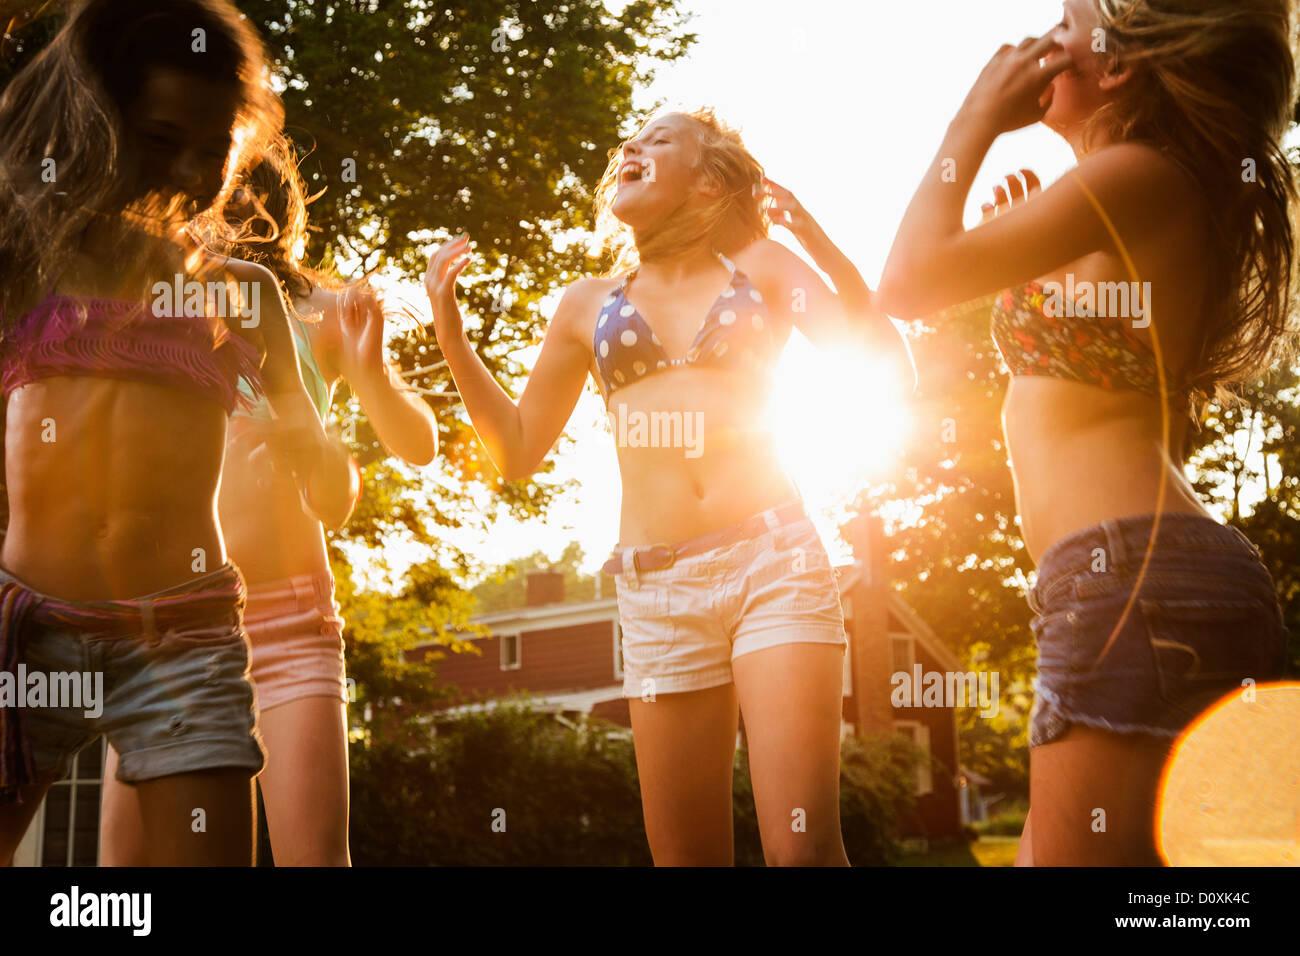 Mädchen tanzen im Garten Stockfoto